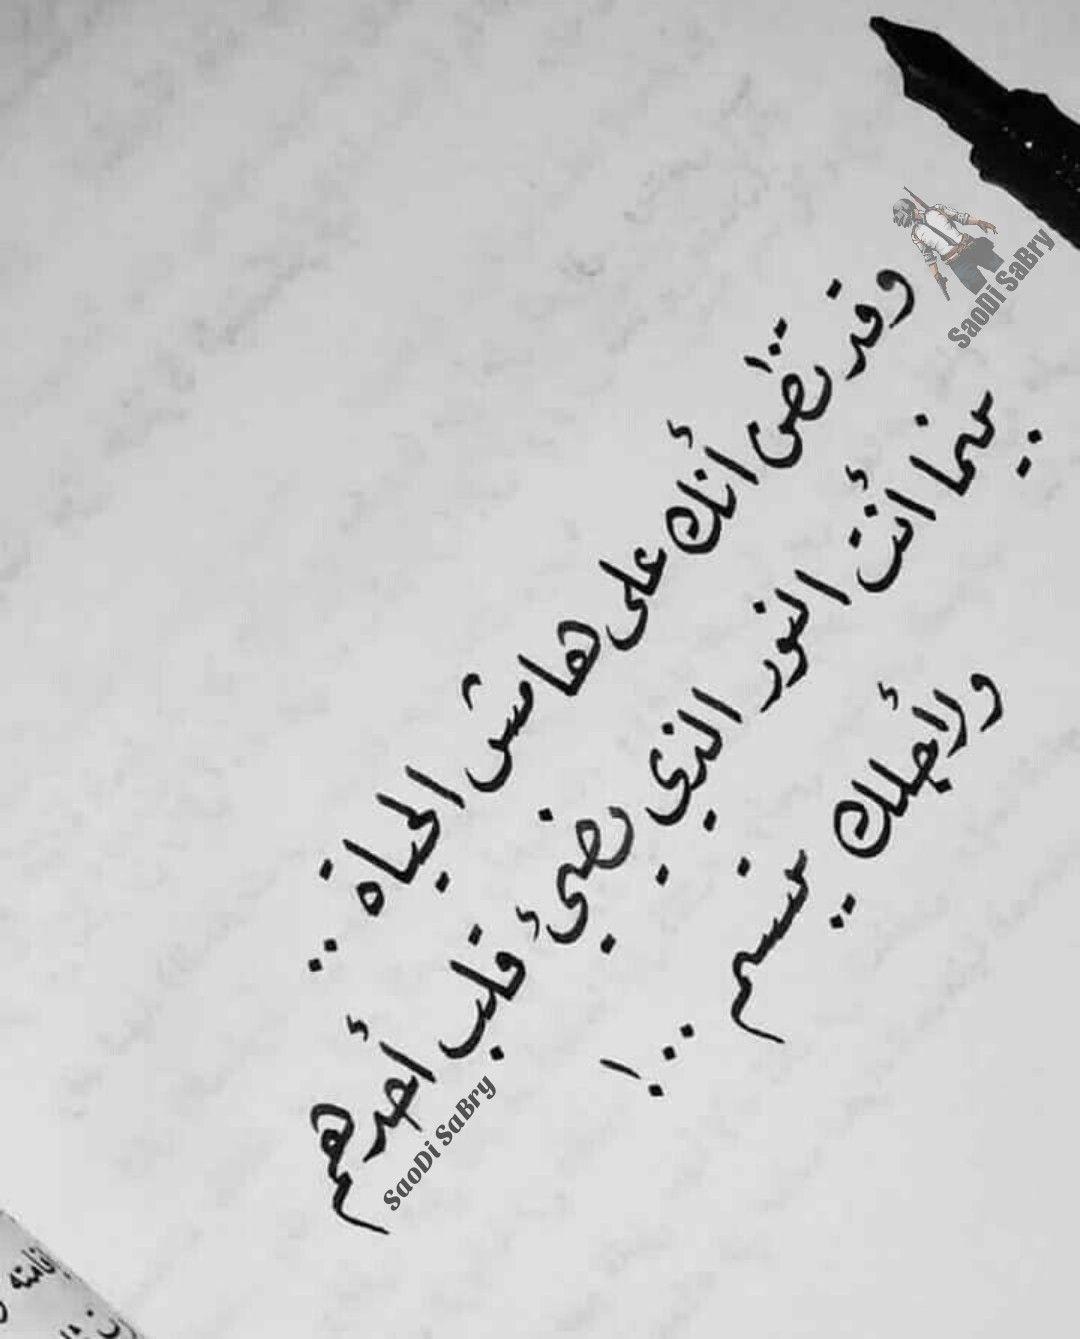 وقد تظن انك على هامش الحياة Proverbs Quotes Arabic Quotes Postive Quotes